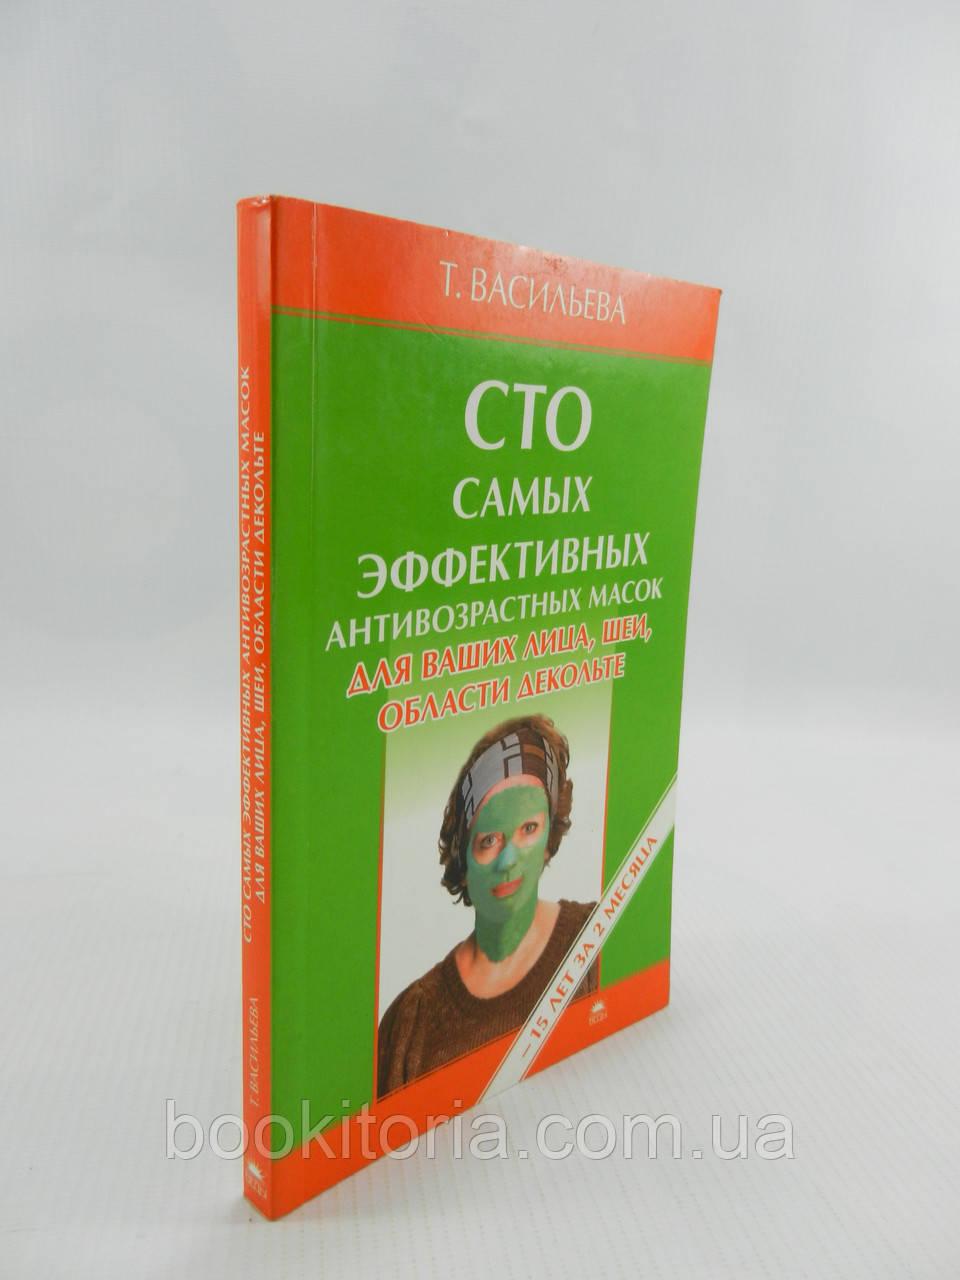 Васильева Т. Сто самых эффективных антивозрастных масок для ваших лица, шеи, области декольте (б/у).